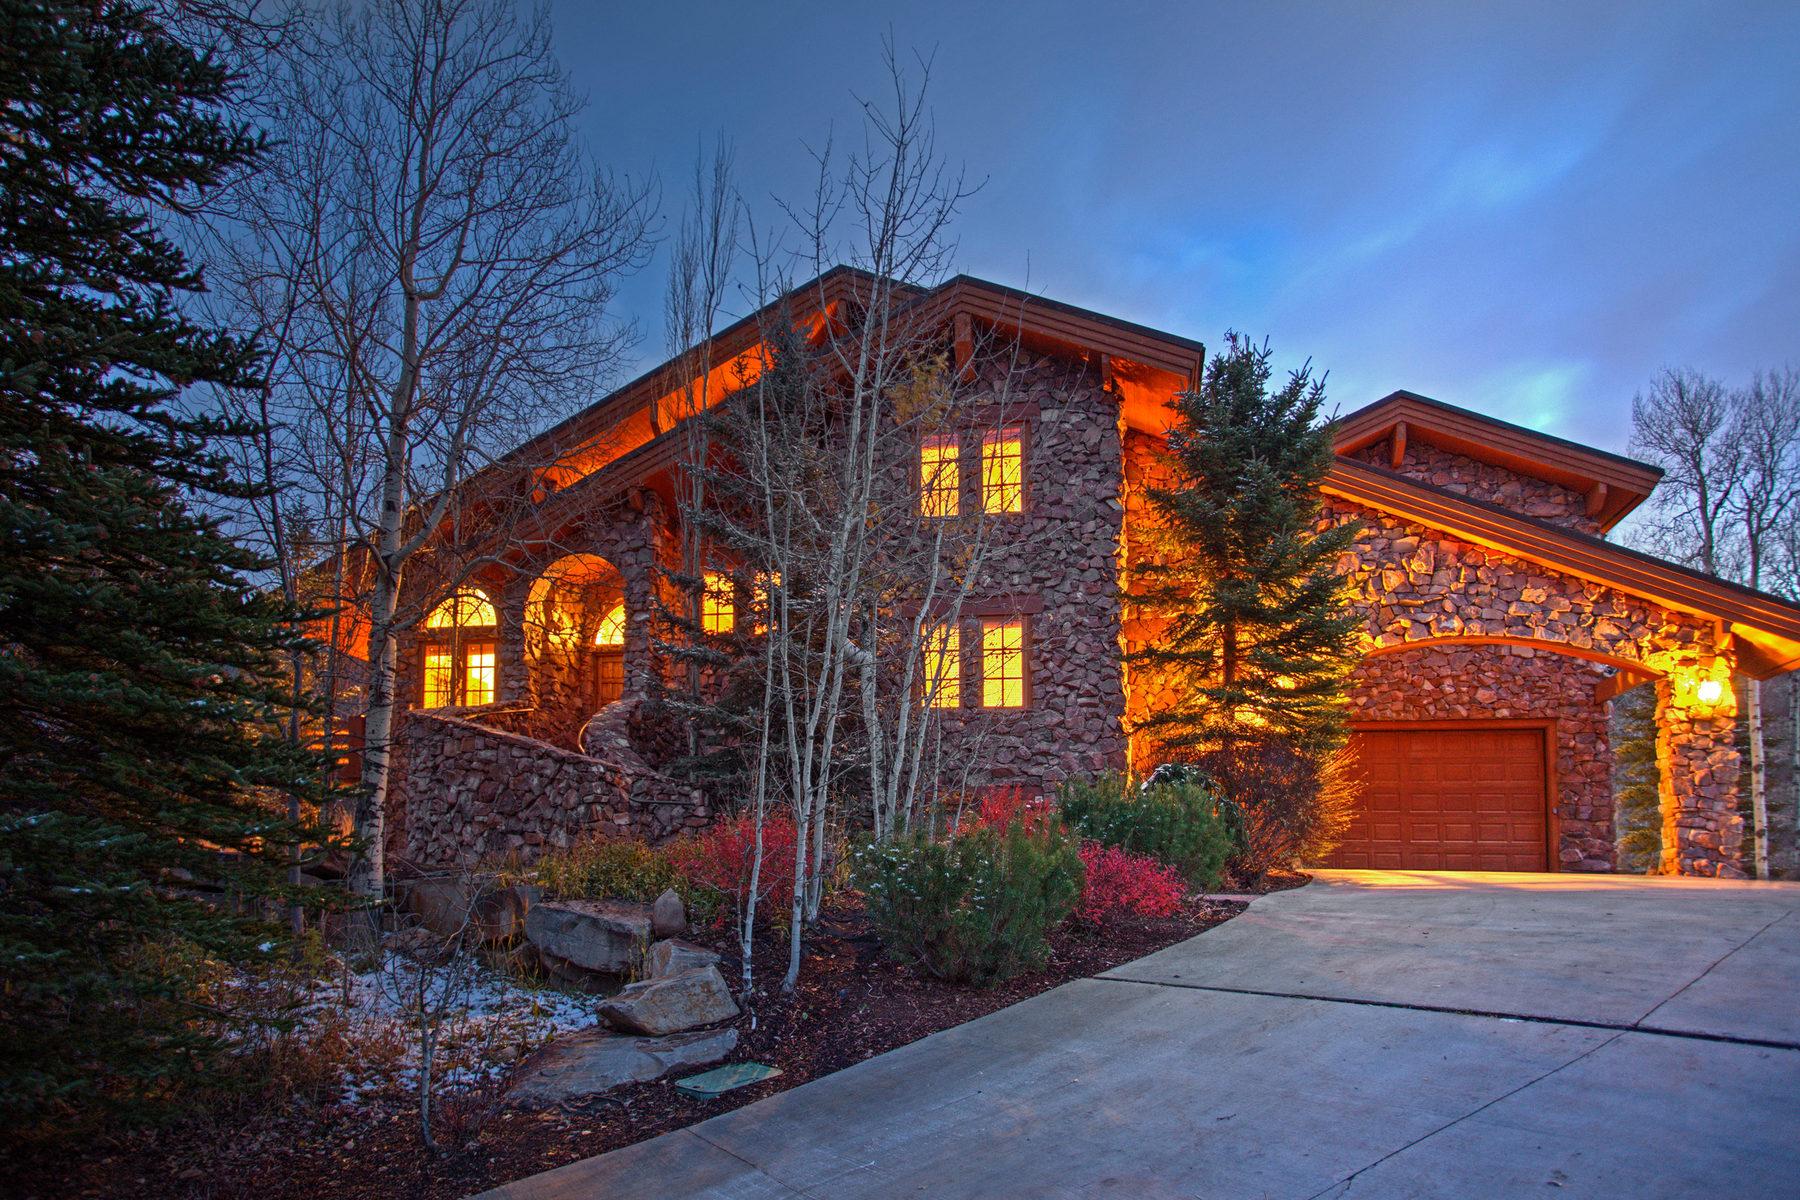 Частный односемейный дом для того Продажа на Heavily Wooded Mountain Home 8281 Trails Dr Park City, Юта, 84098 Соединенные Штаты